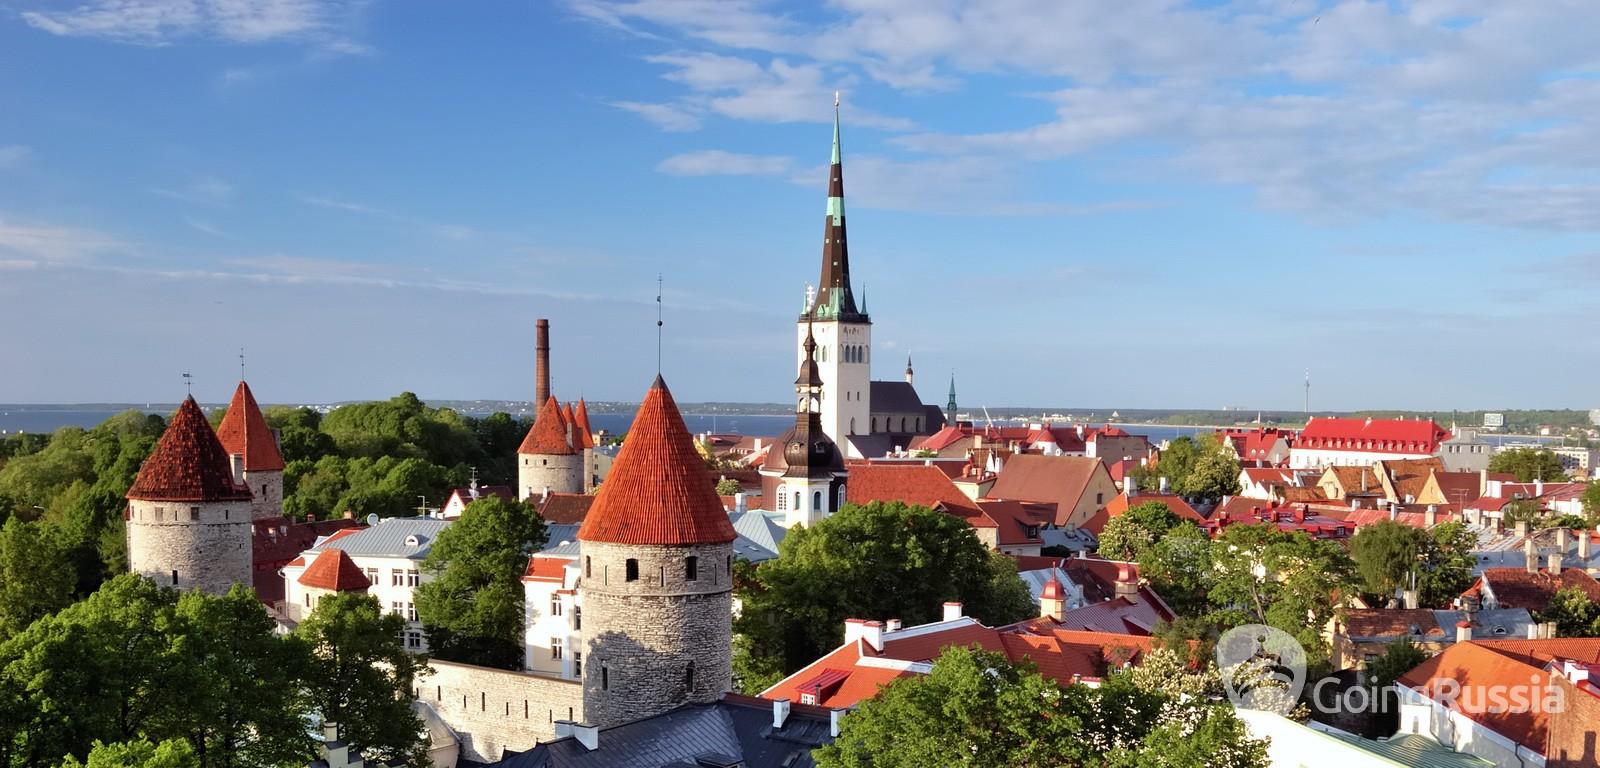 Estonia_Tallinn_Old Tallinn panorama_shutterstock_63500713